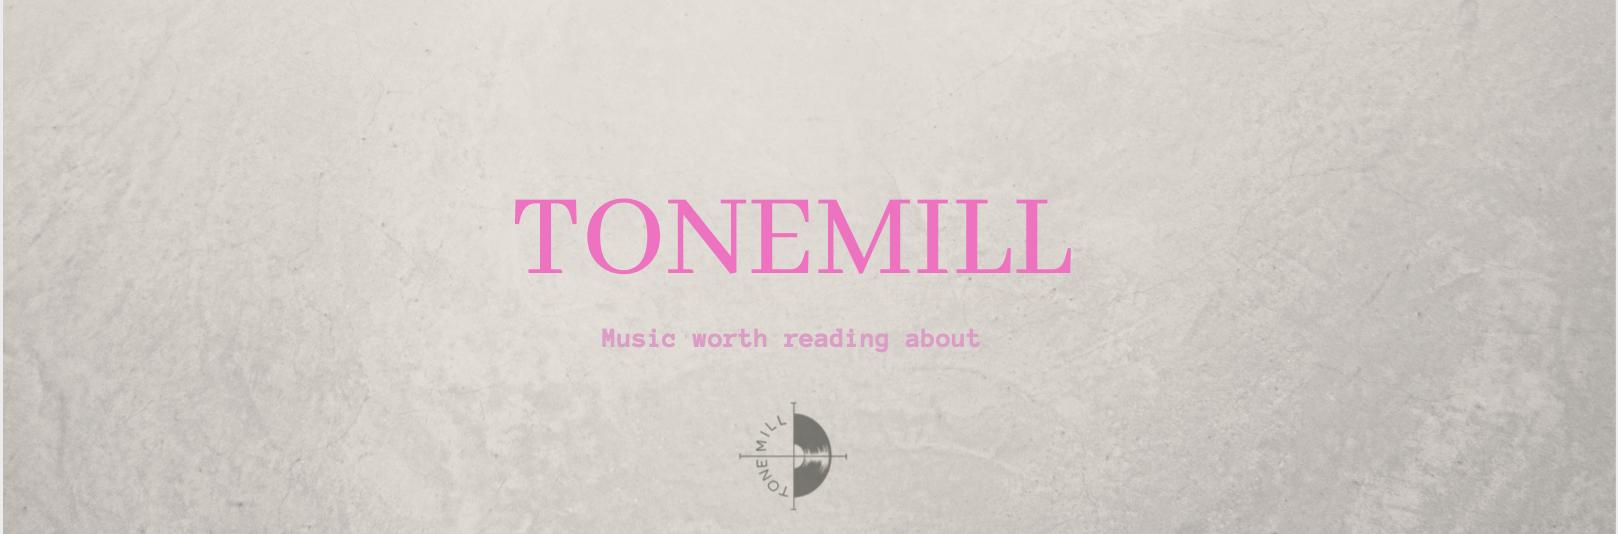 Tonemill